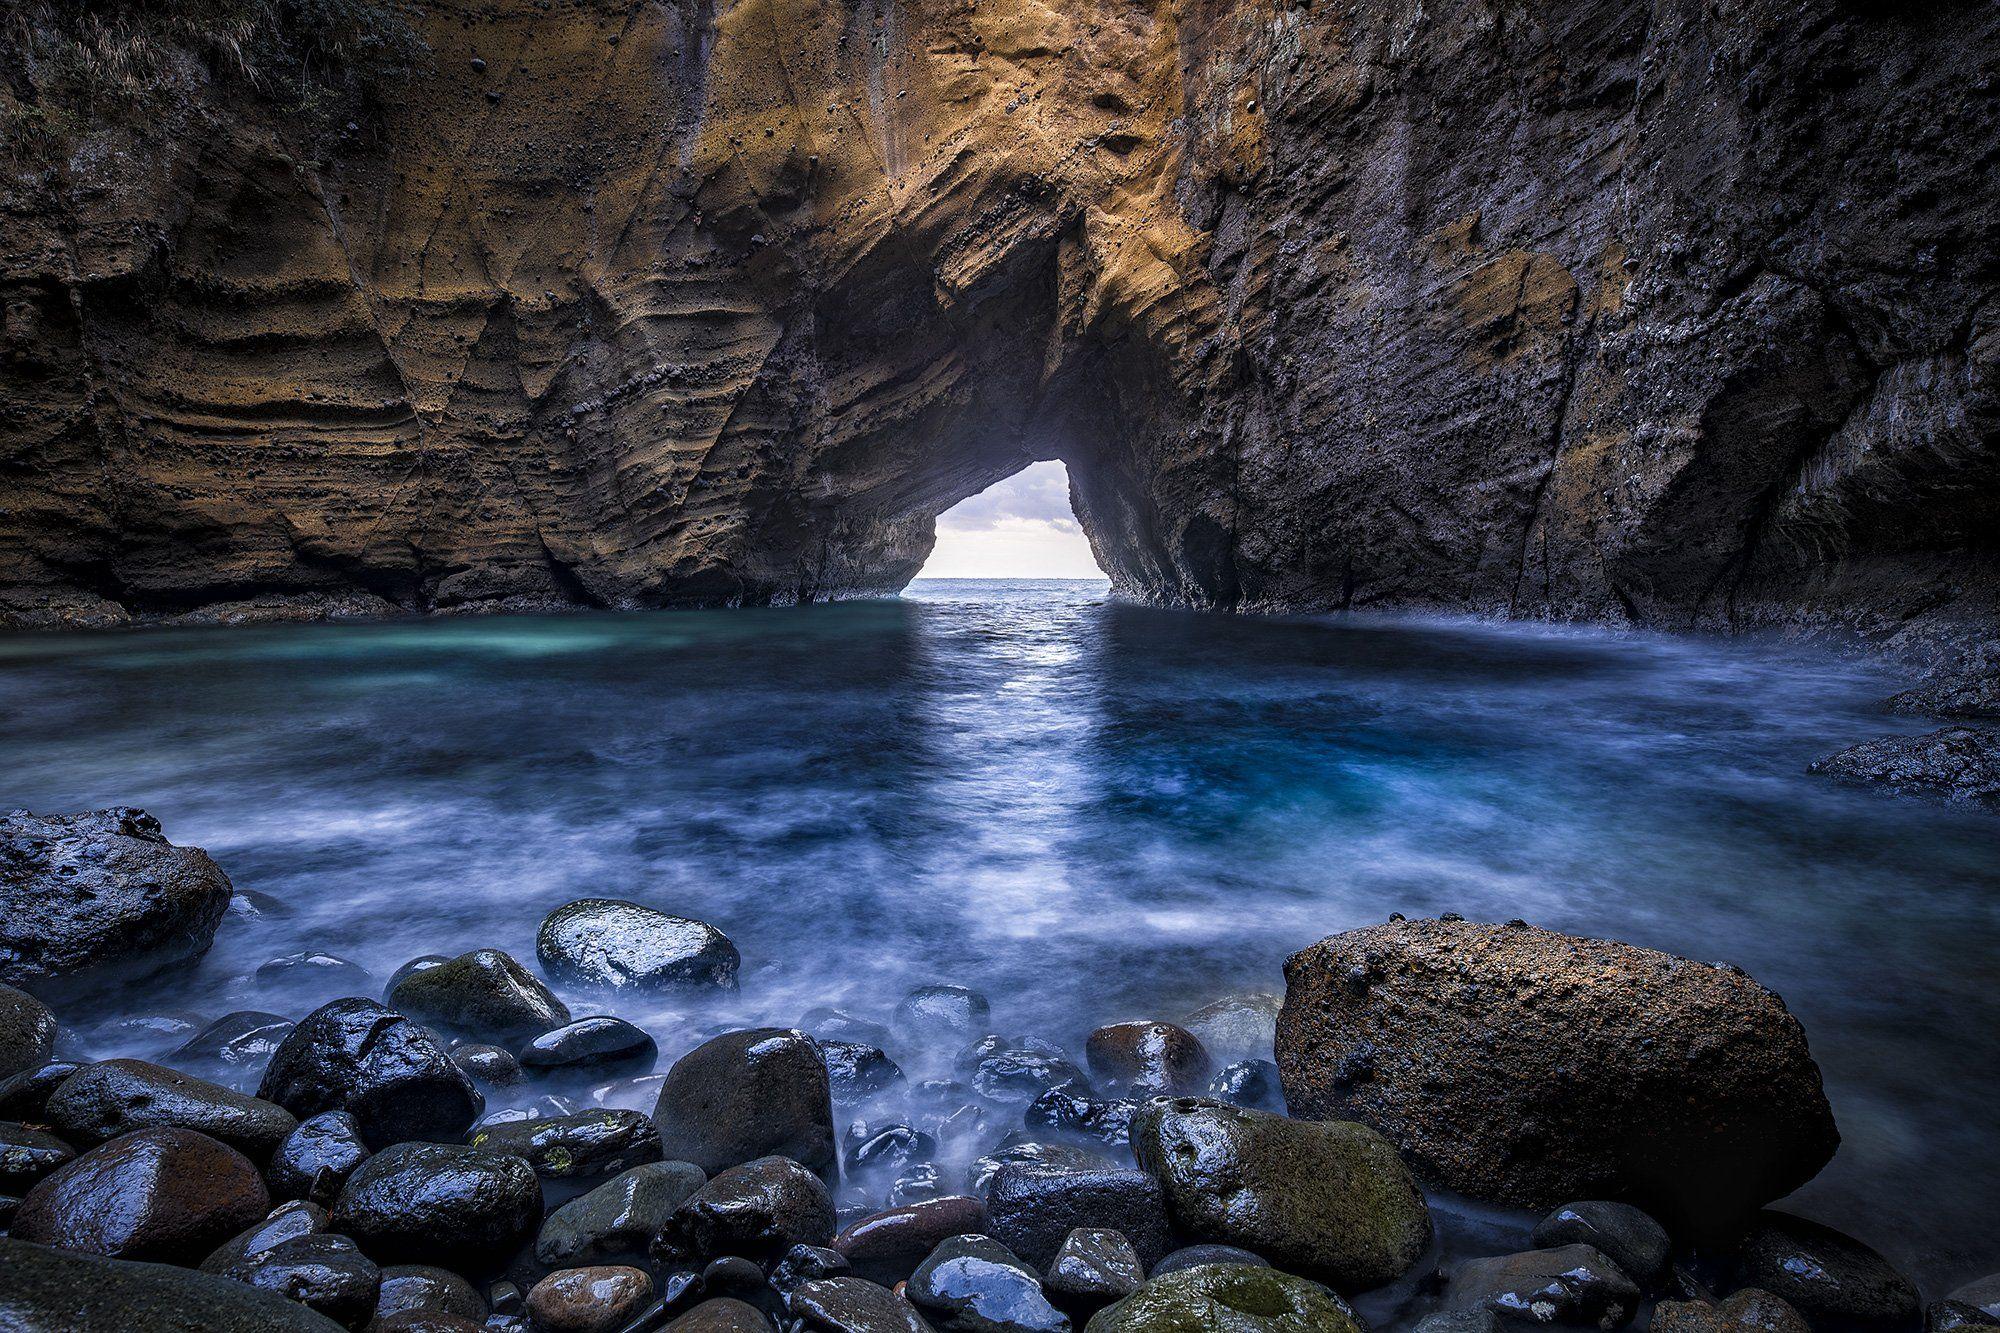 #landscape #seascape #sea #japan #shizuoka #blue #rock, Yabuzaki Jiro